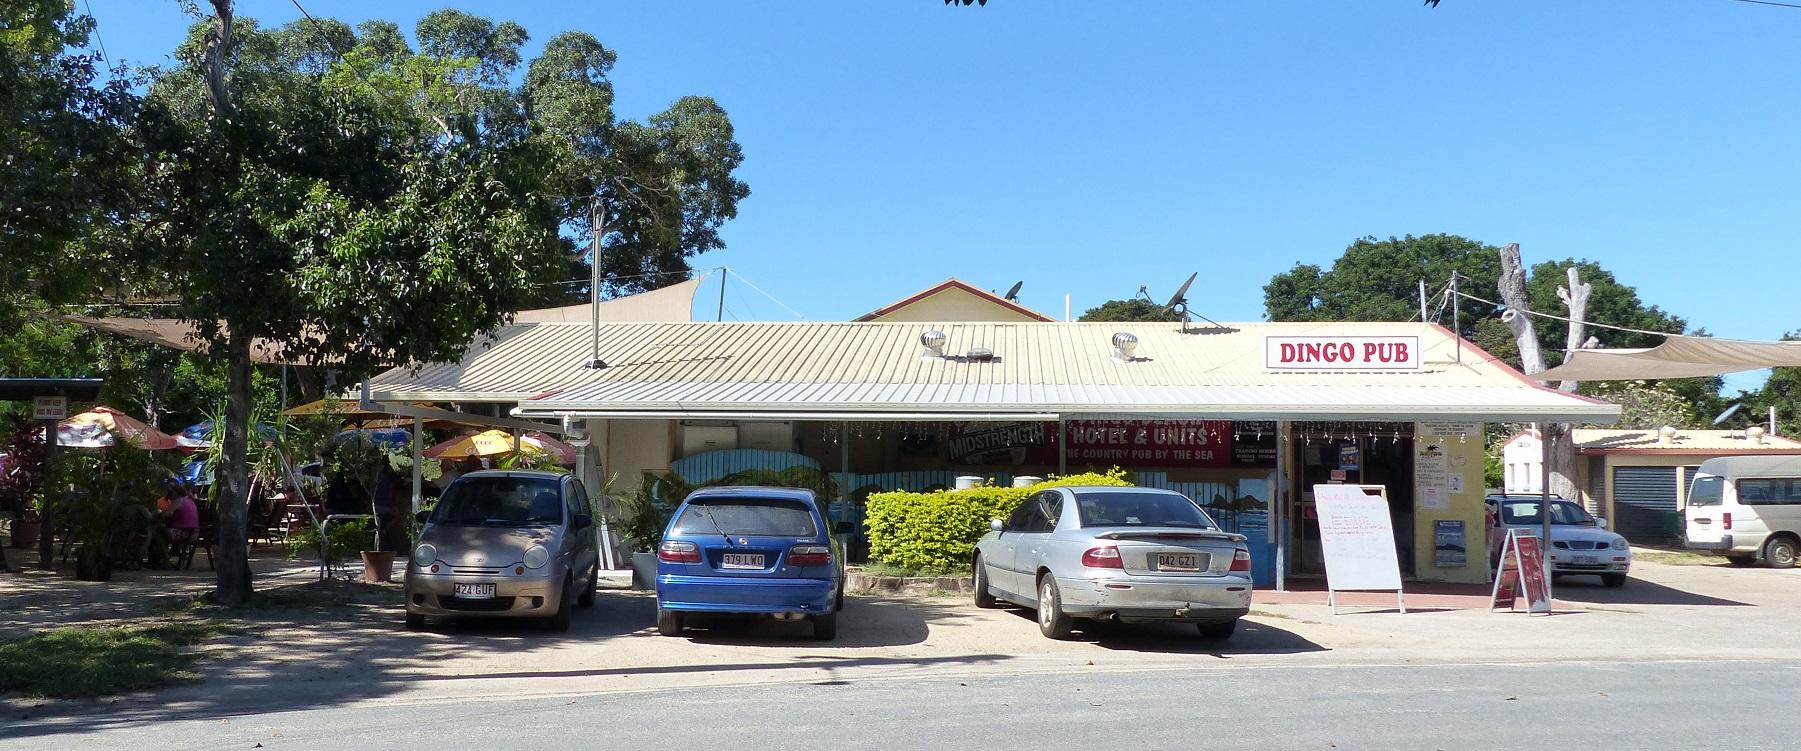 The Dingo Pub At Dingo Beach